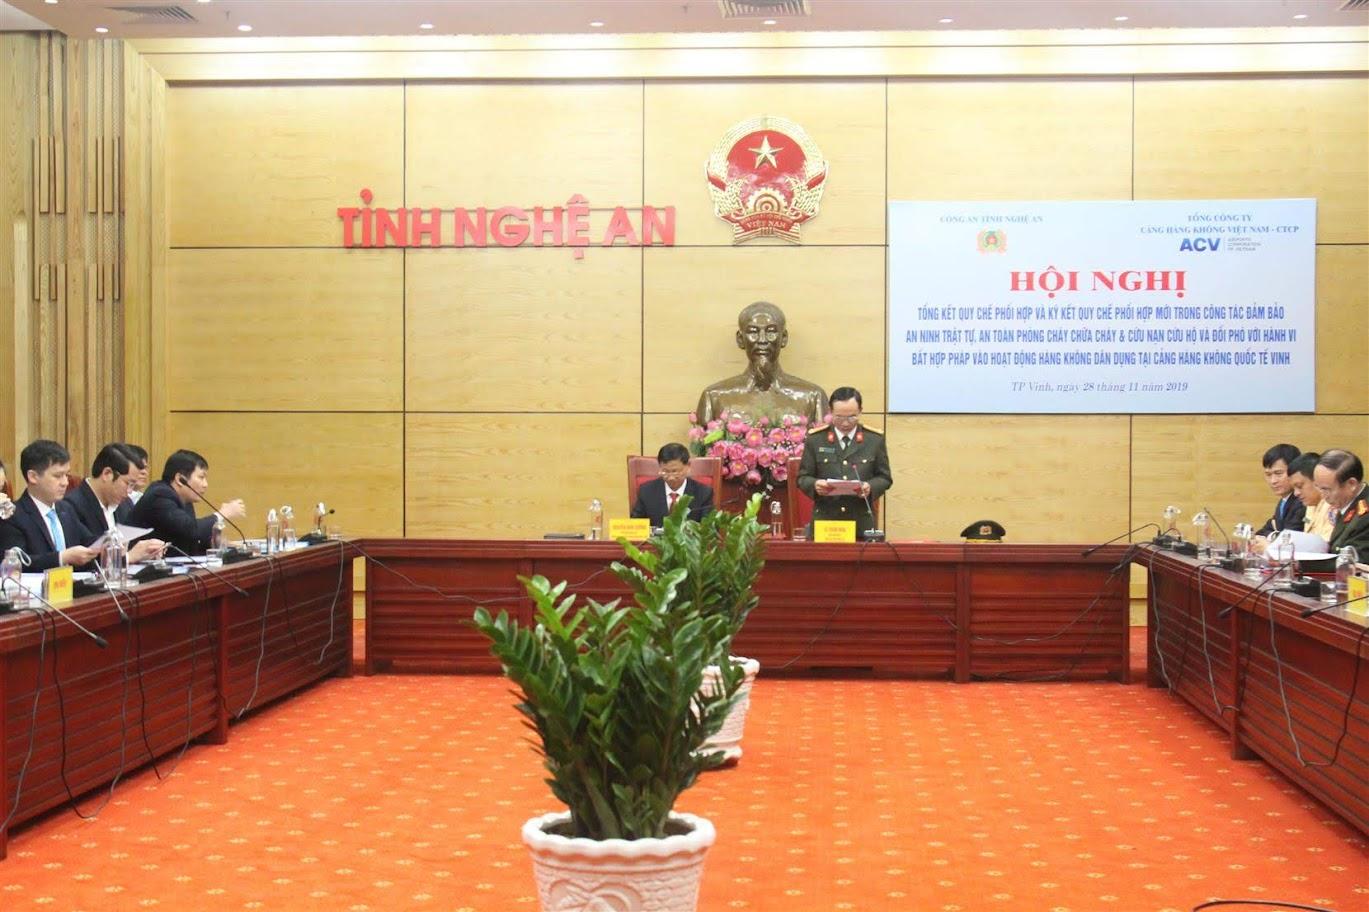 Đồng chí Đại tá Lê Xuân Hoài, Phó giám đốc Công an tỉnh phát biểu tại buổi lễ